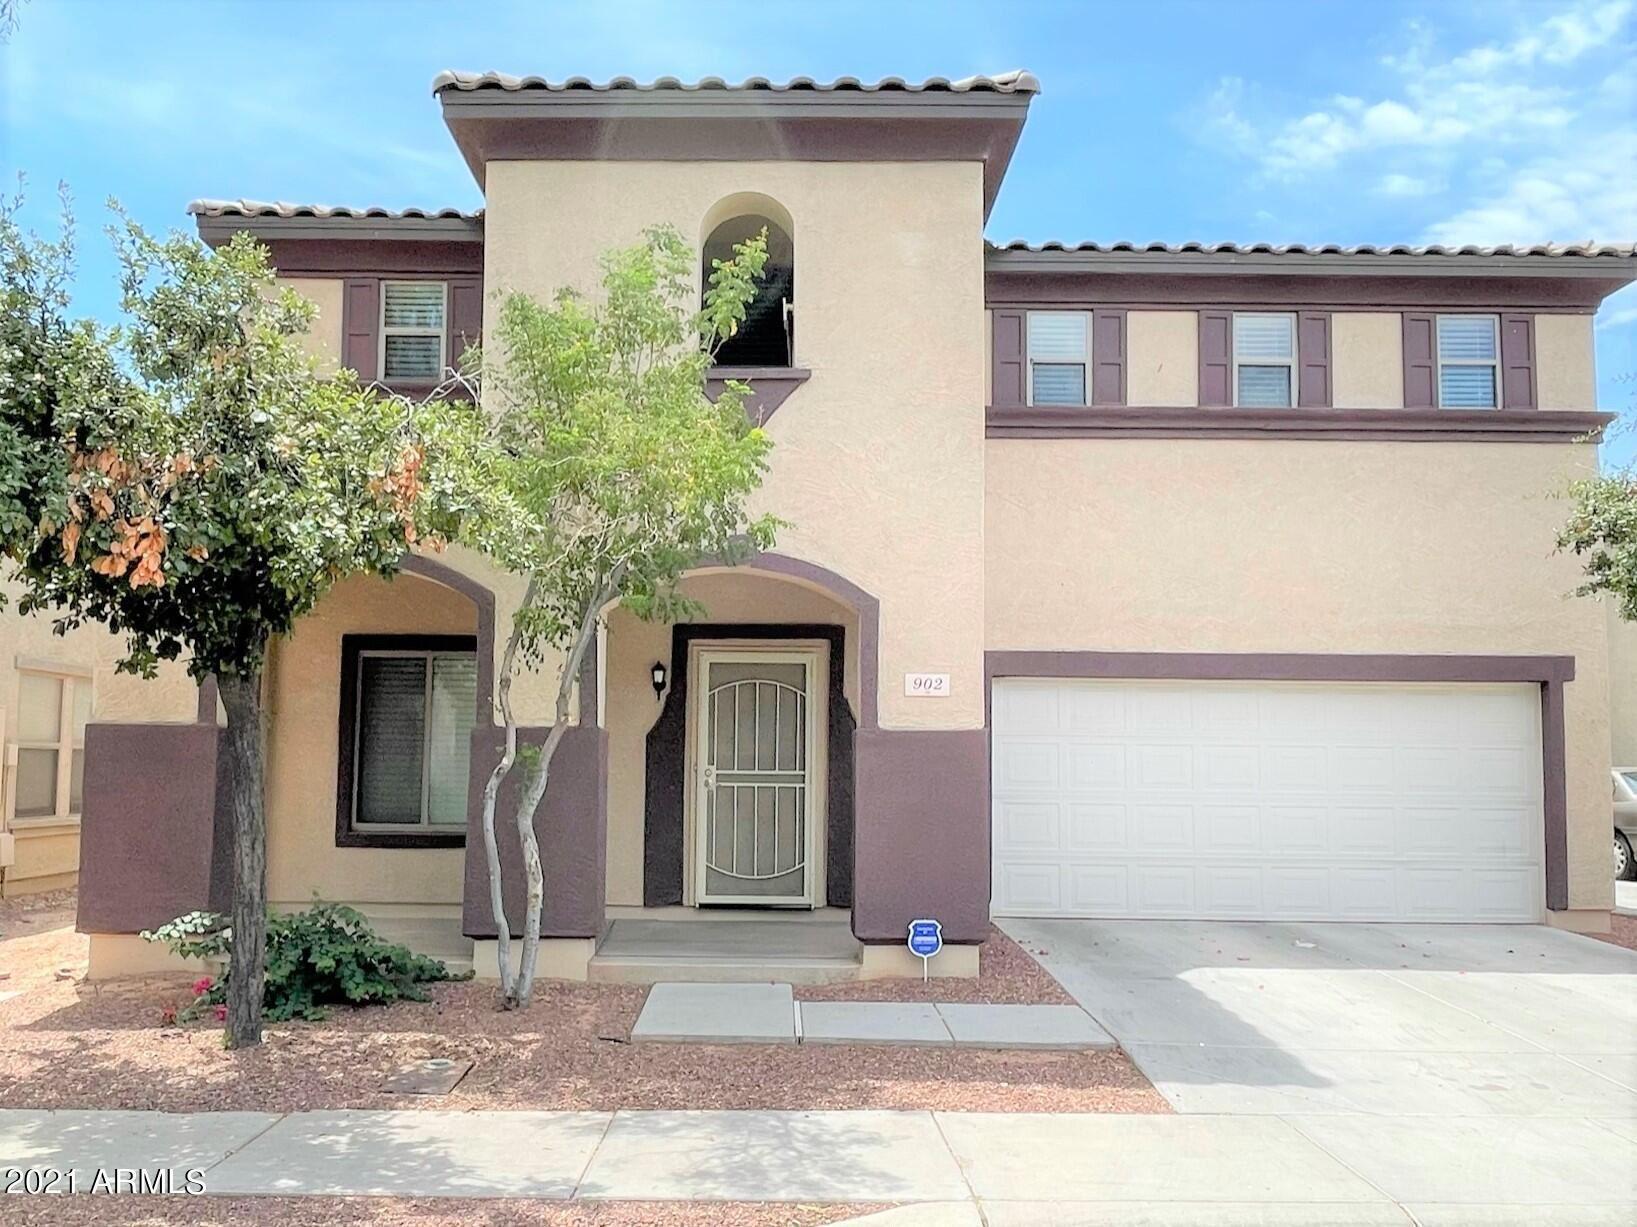 Photo of 902 N 111th Drive, Avondale, AZ 85323 (MLS # 6266419)